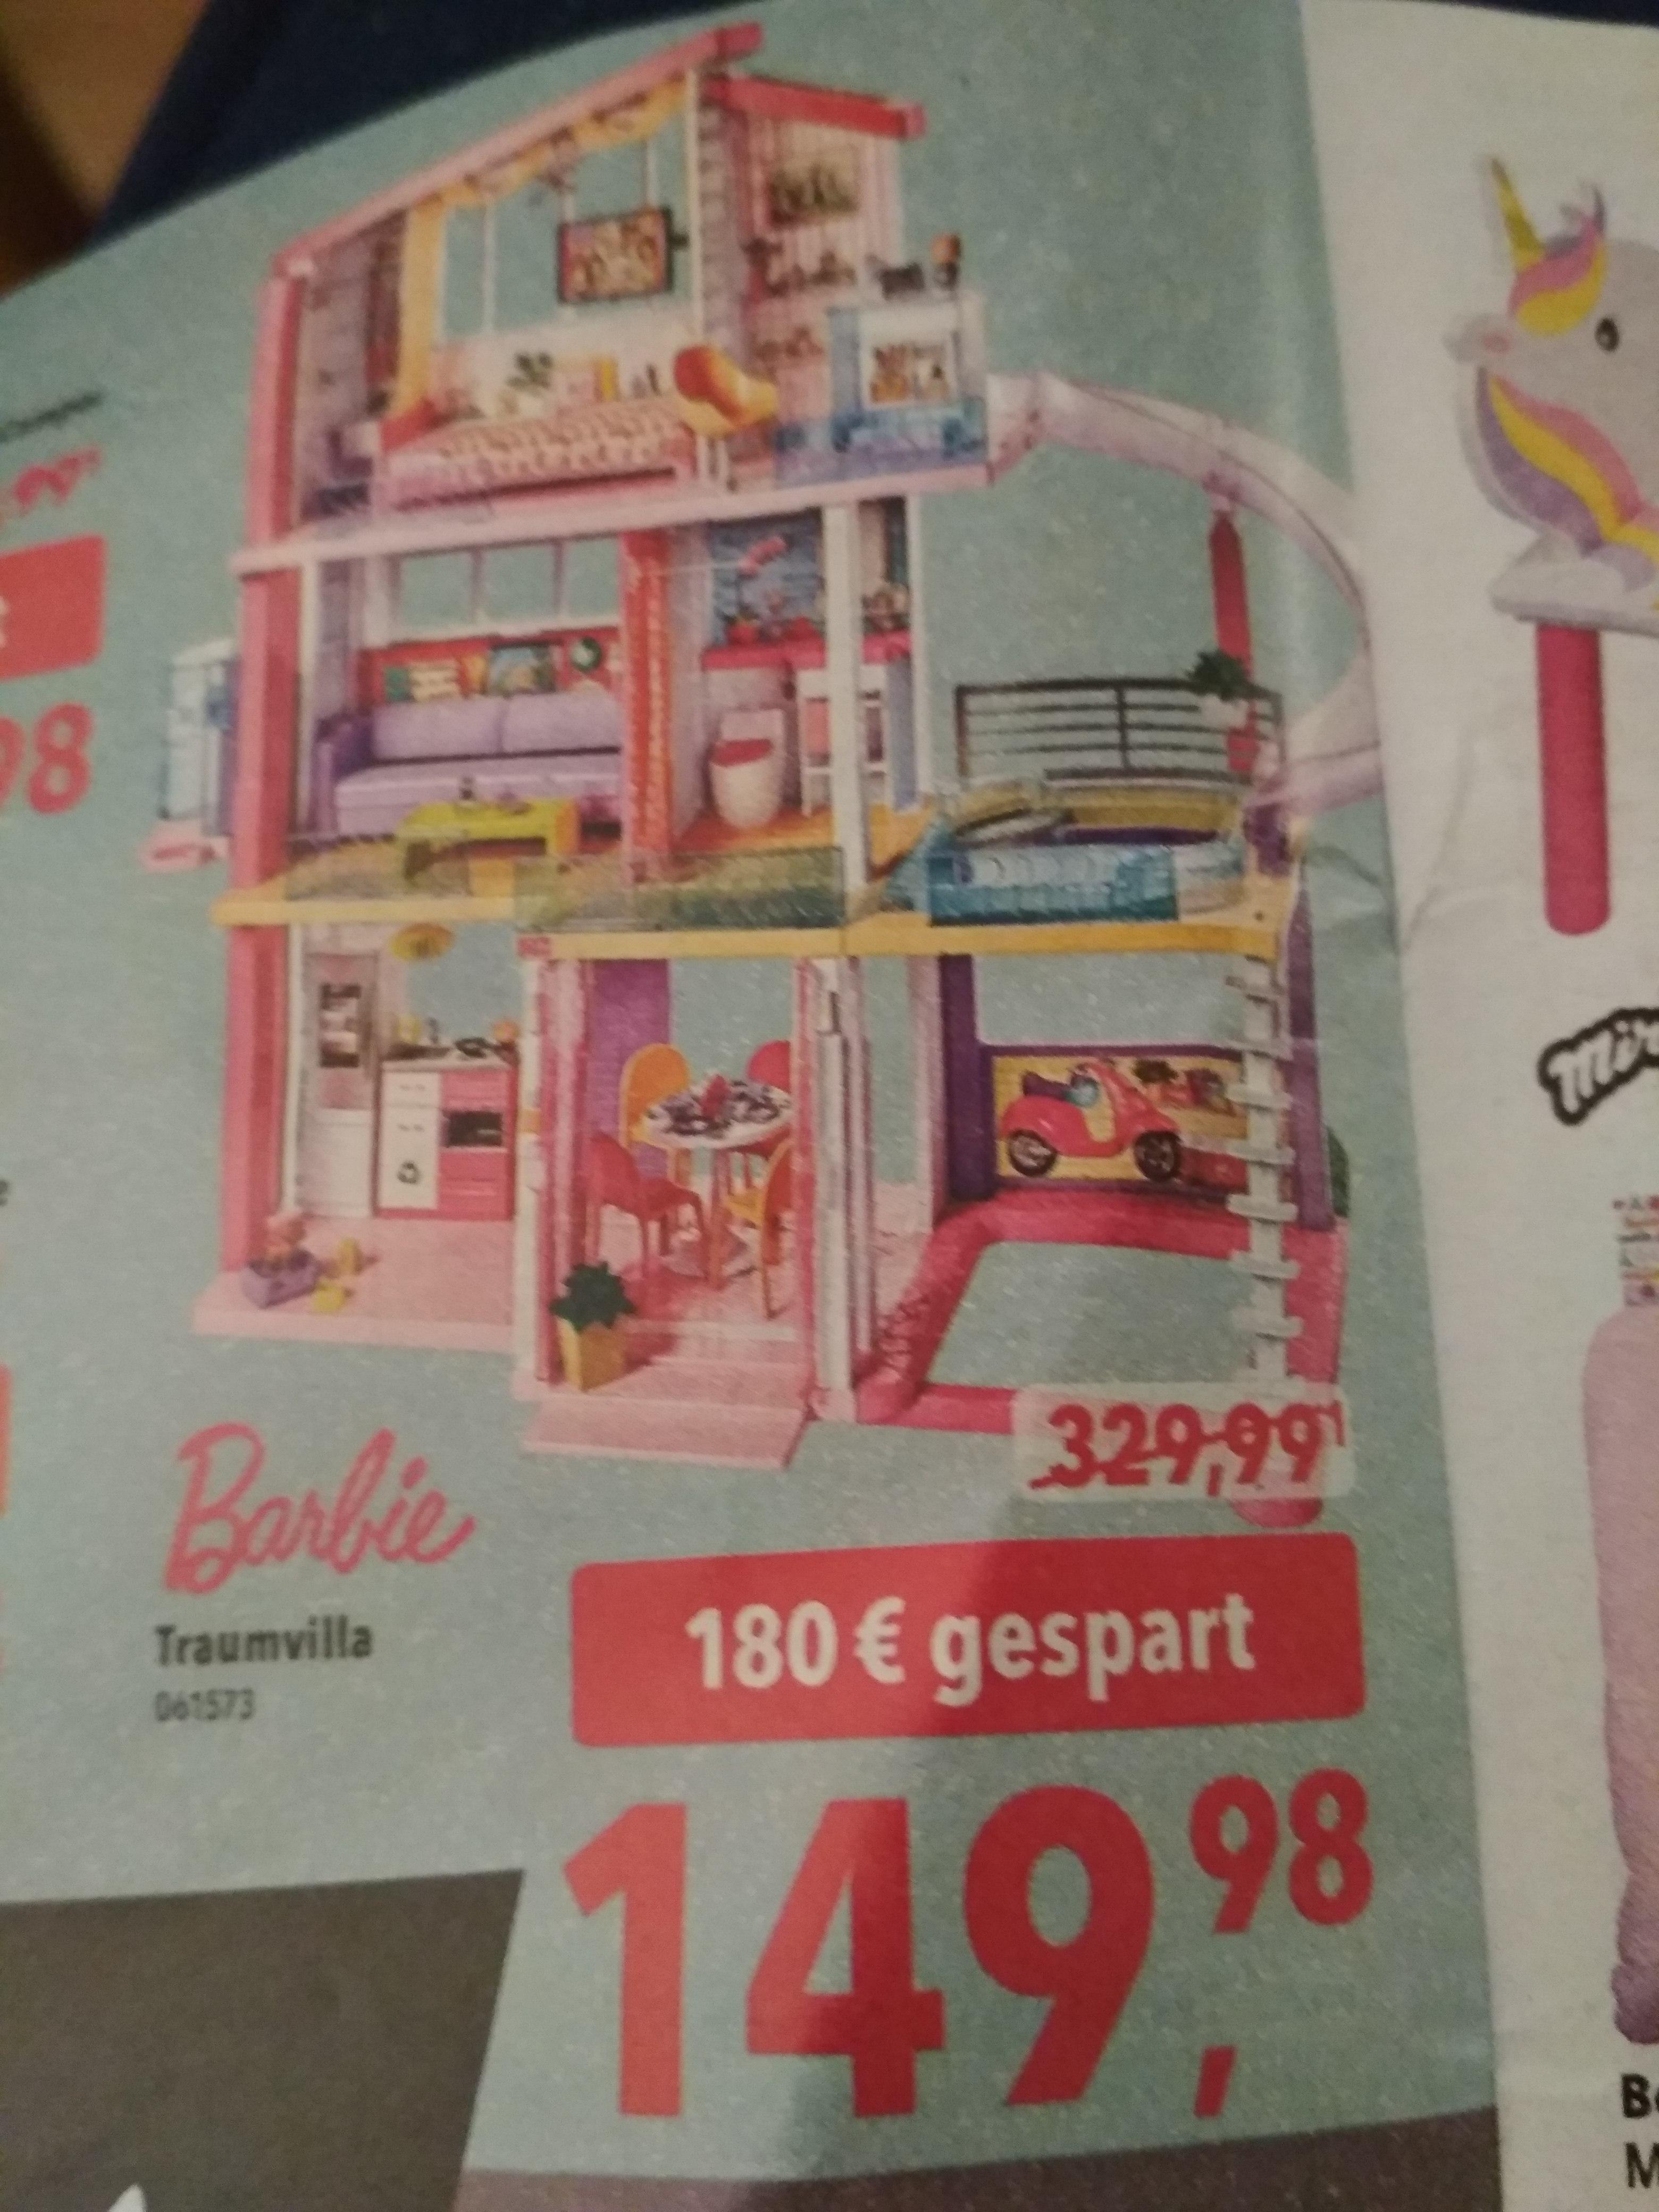 Toysrus Barbie Traumvilla (FHY73)  für 149,98€